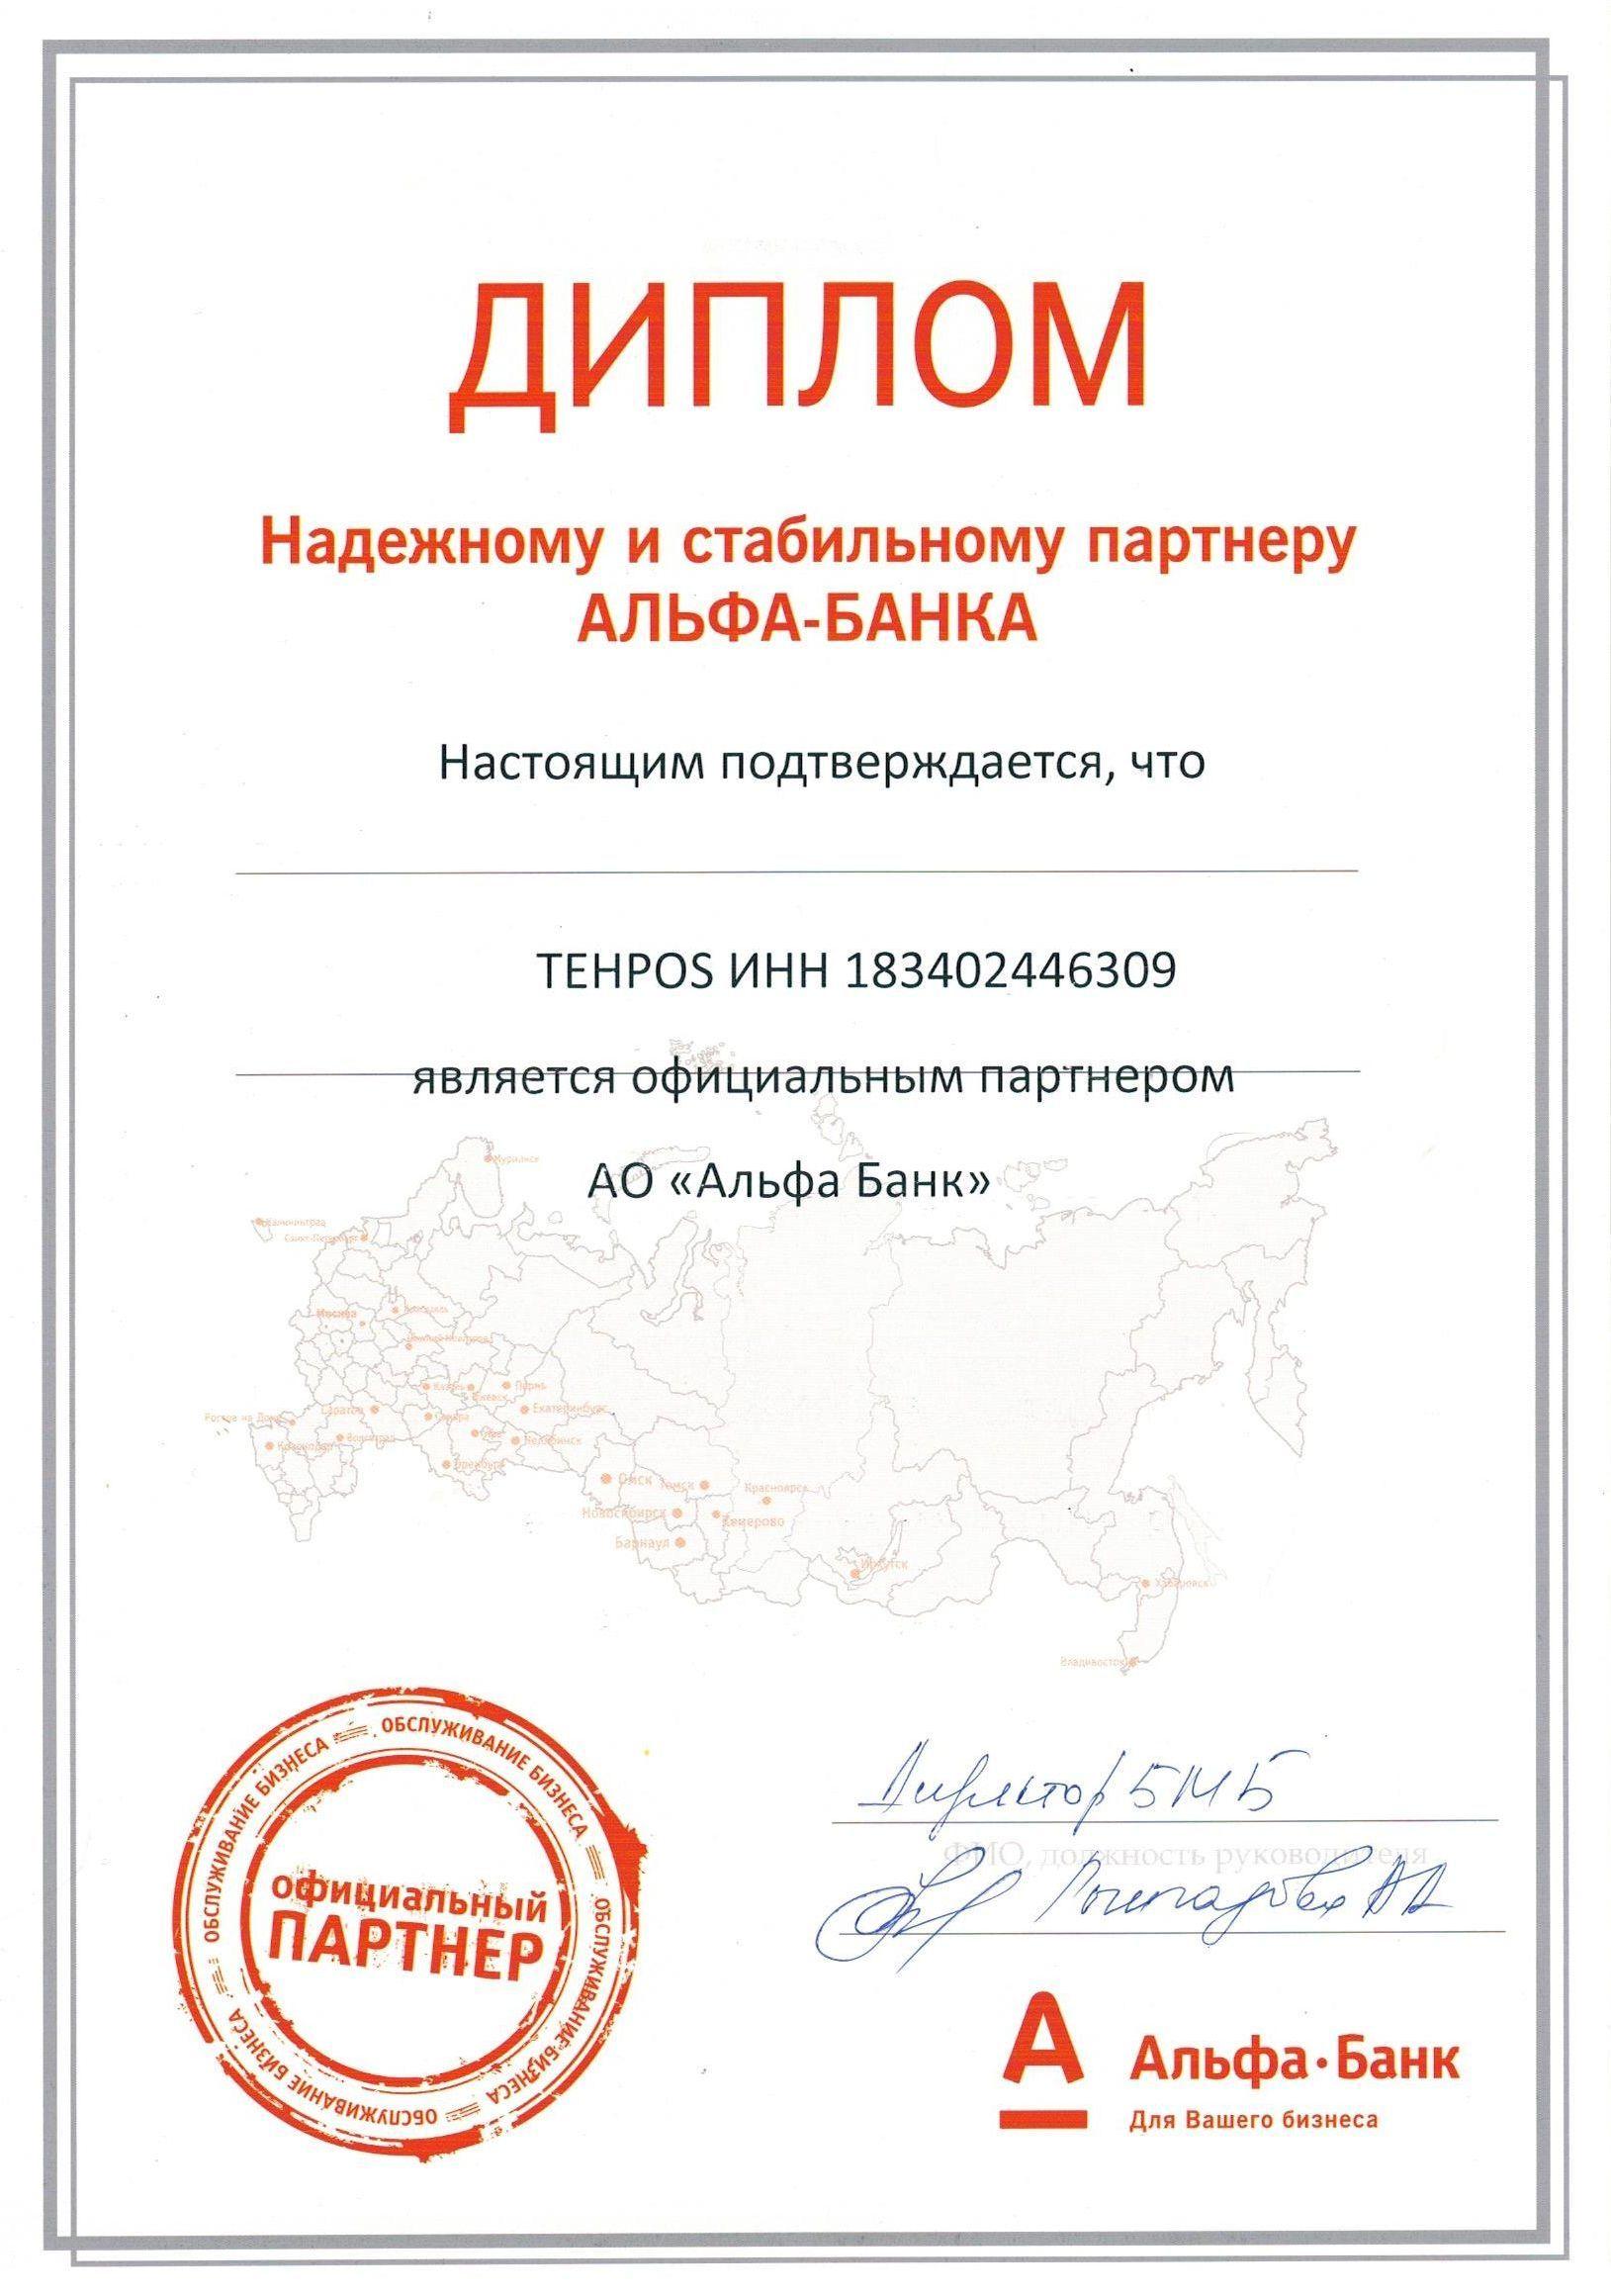 Диплом партнера Альфа-банка - TEHPOS